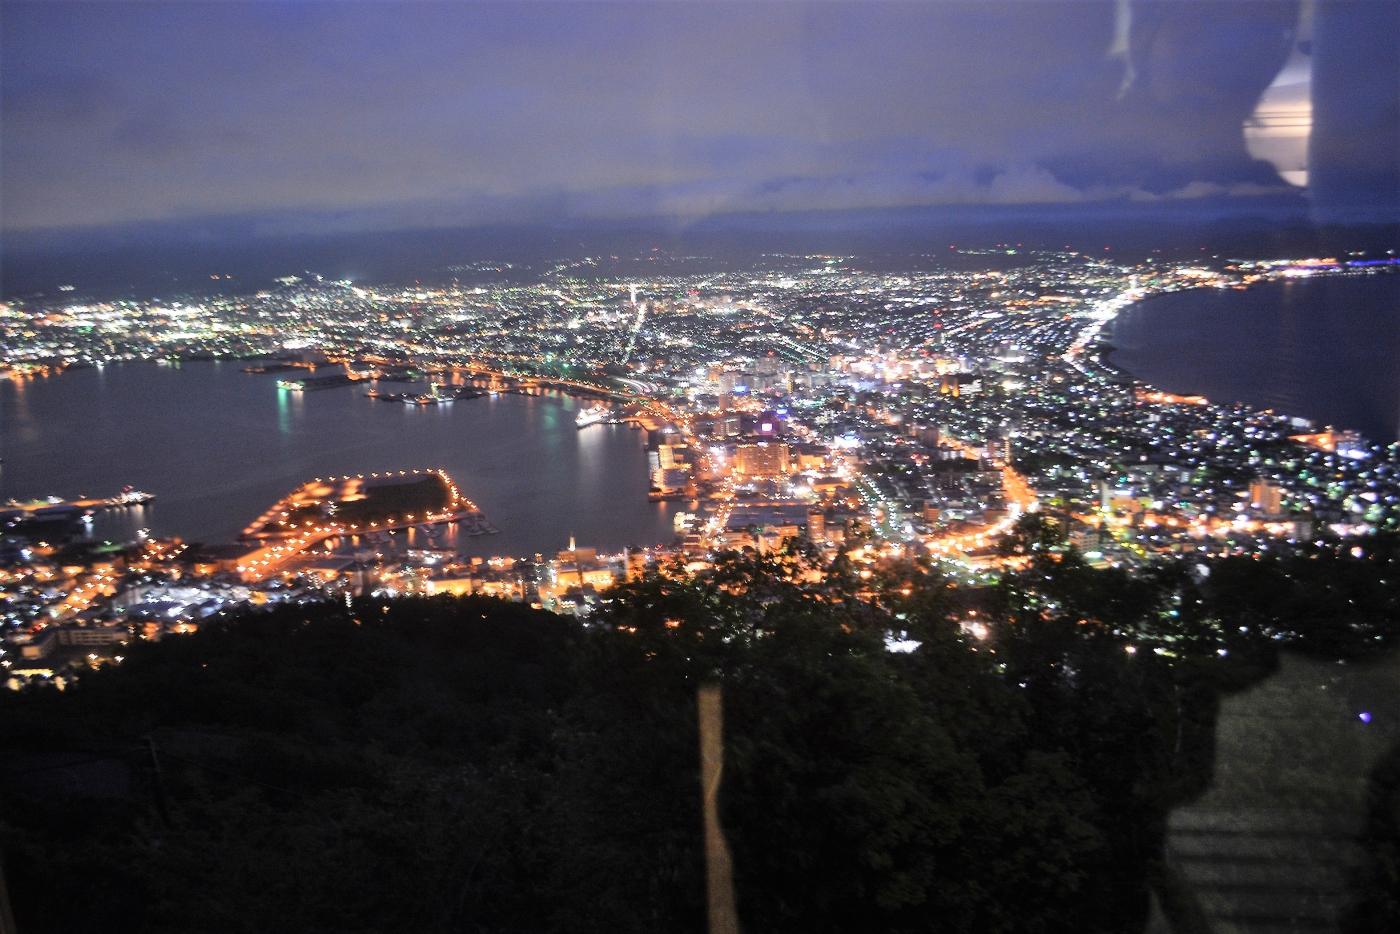 北海道自驾游 - 函馆色篇_图1-22